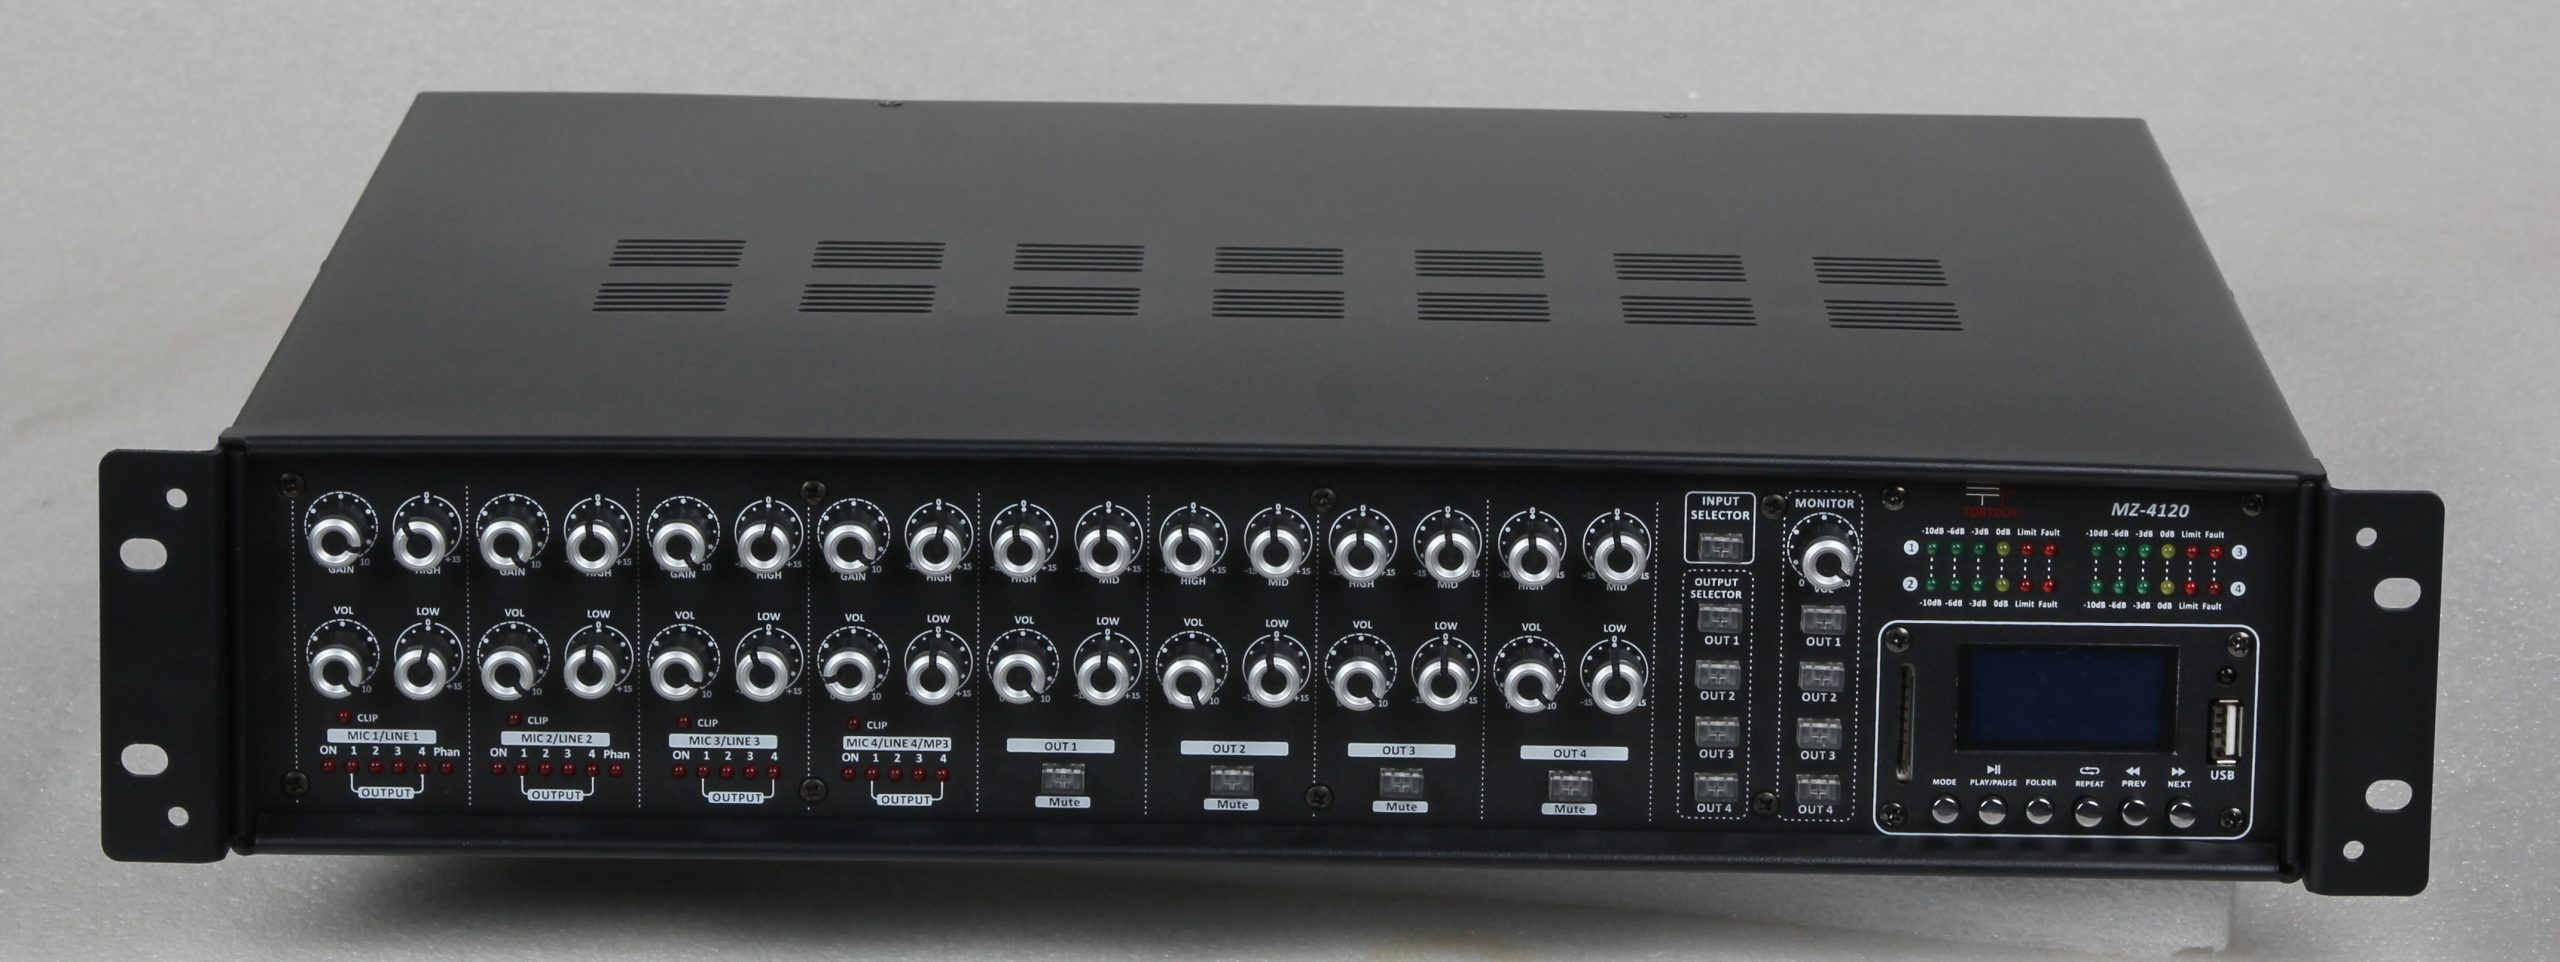 MZ4120A   480 Watt 4 Zone Amplifier